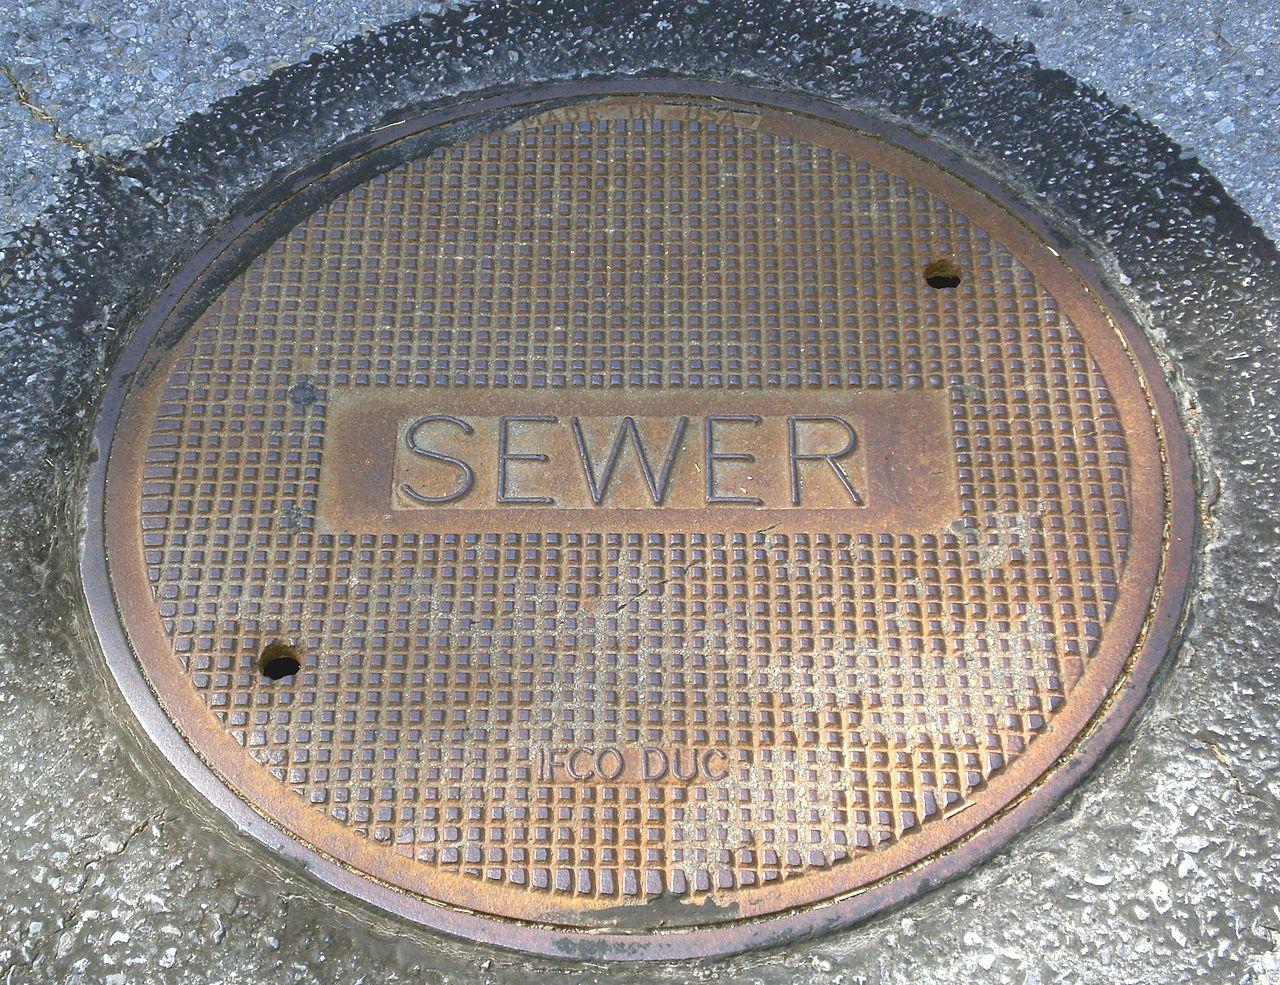 مطمورات الصرف الصحي بتيزنيت: مشاكل بالجملة ولا حل في الأفق